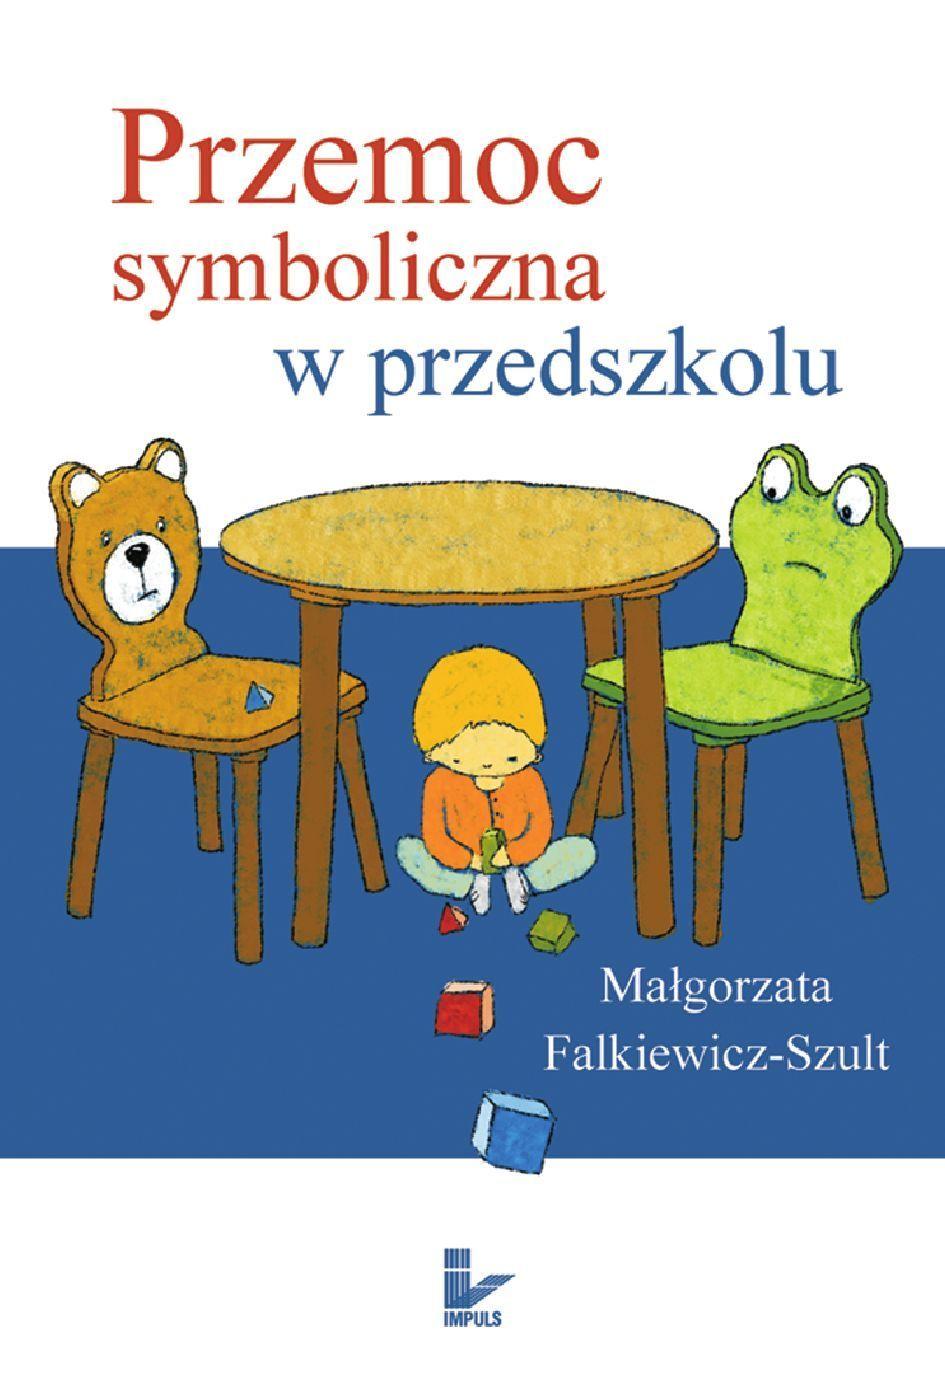 Przemoc symboliczna w przedszkolu - Ebook (Książka na Kindle) do pobrania w formacie MOBI